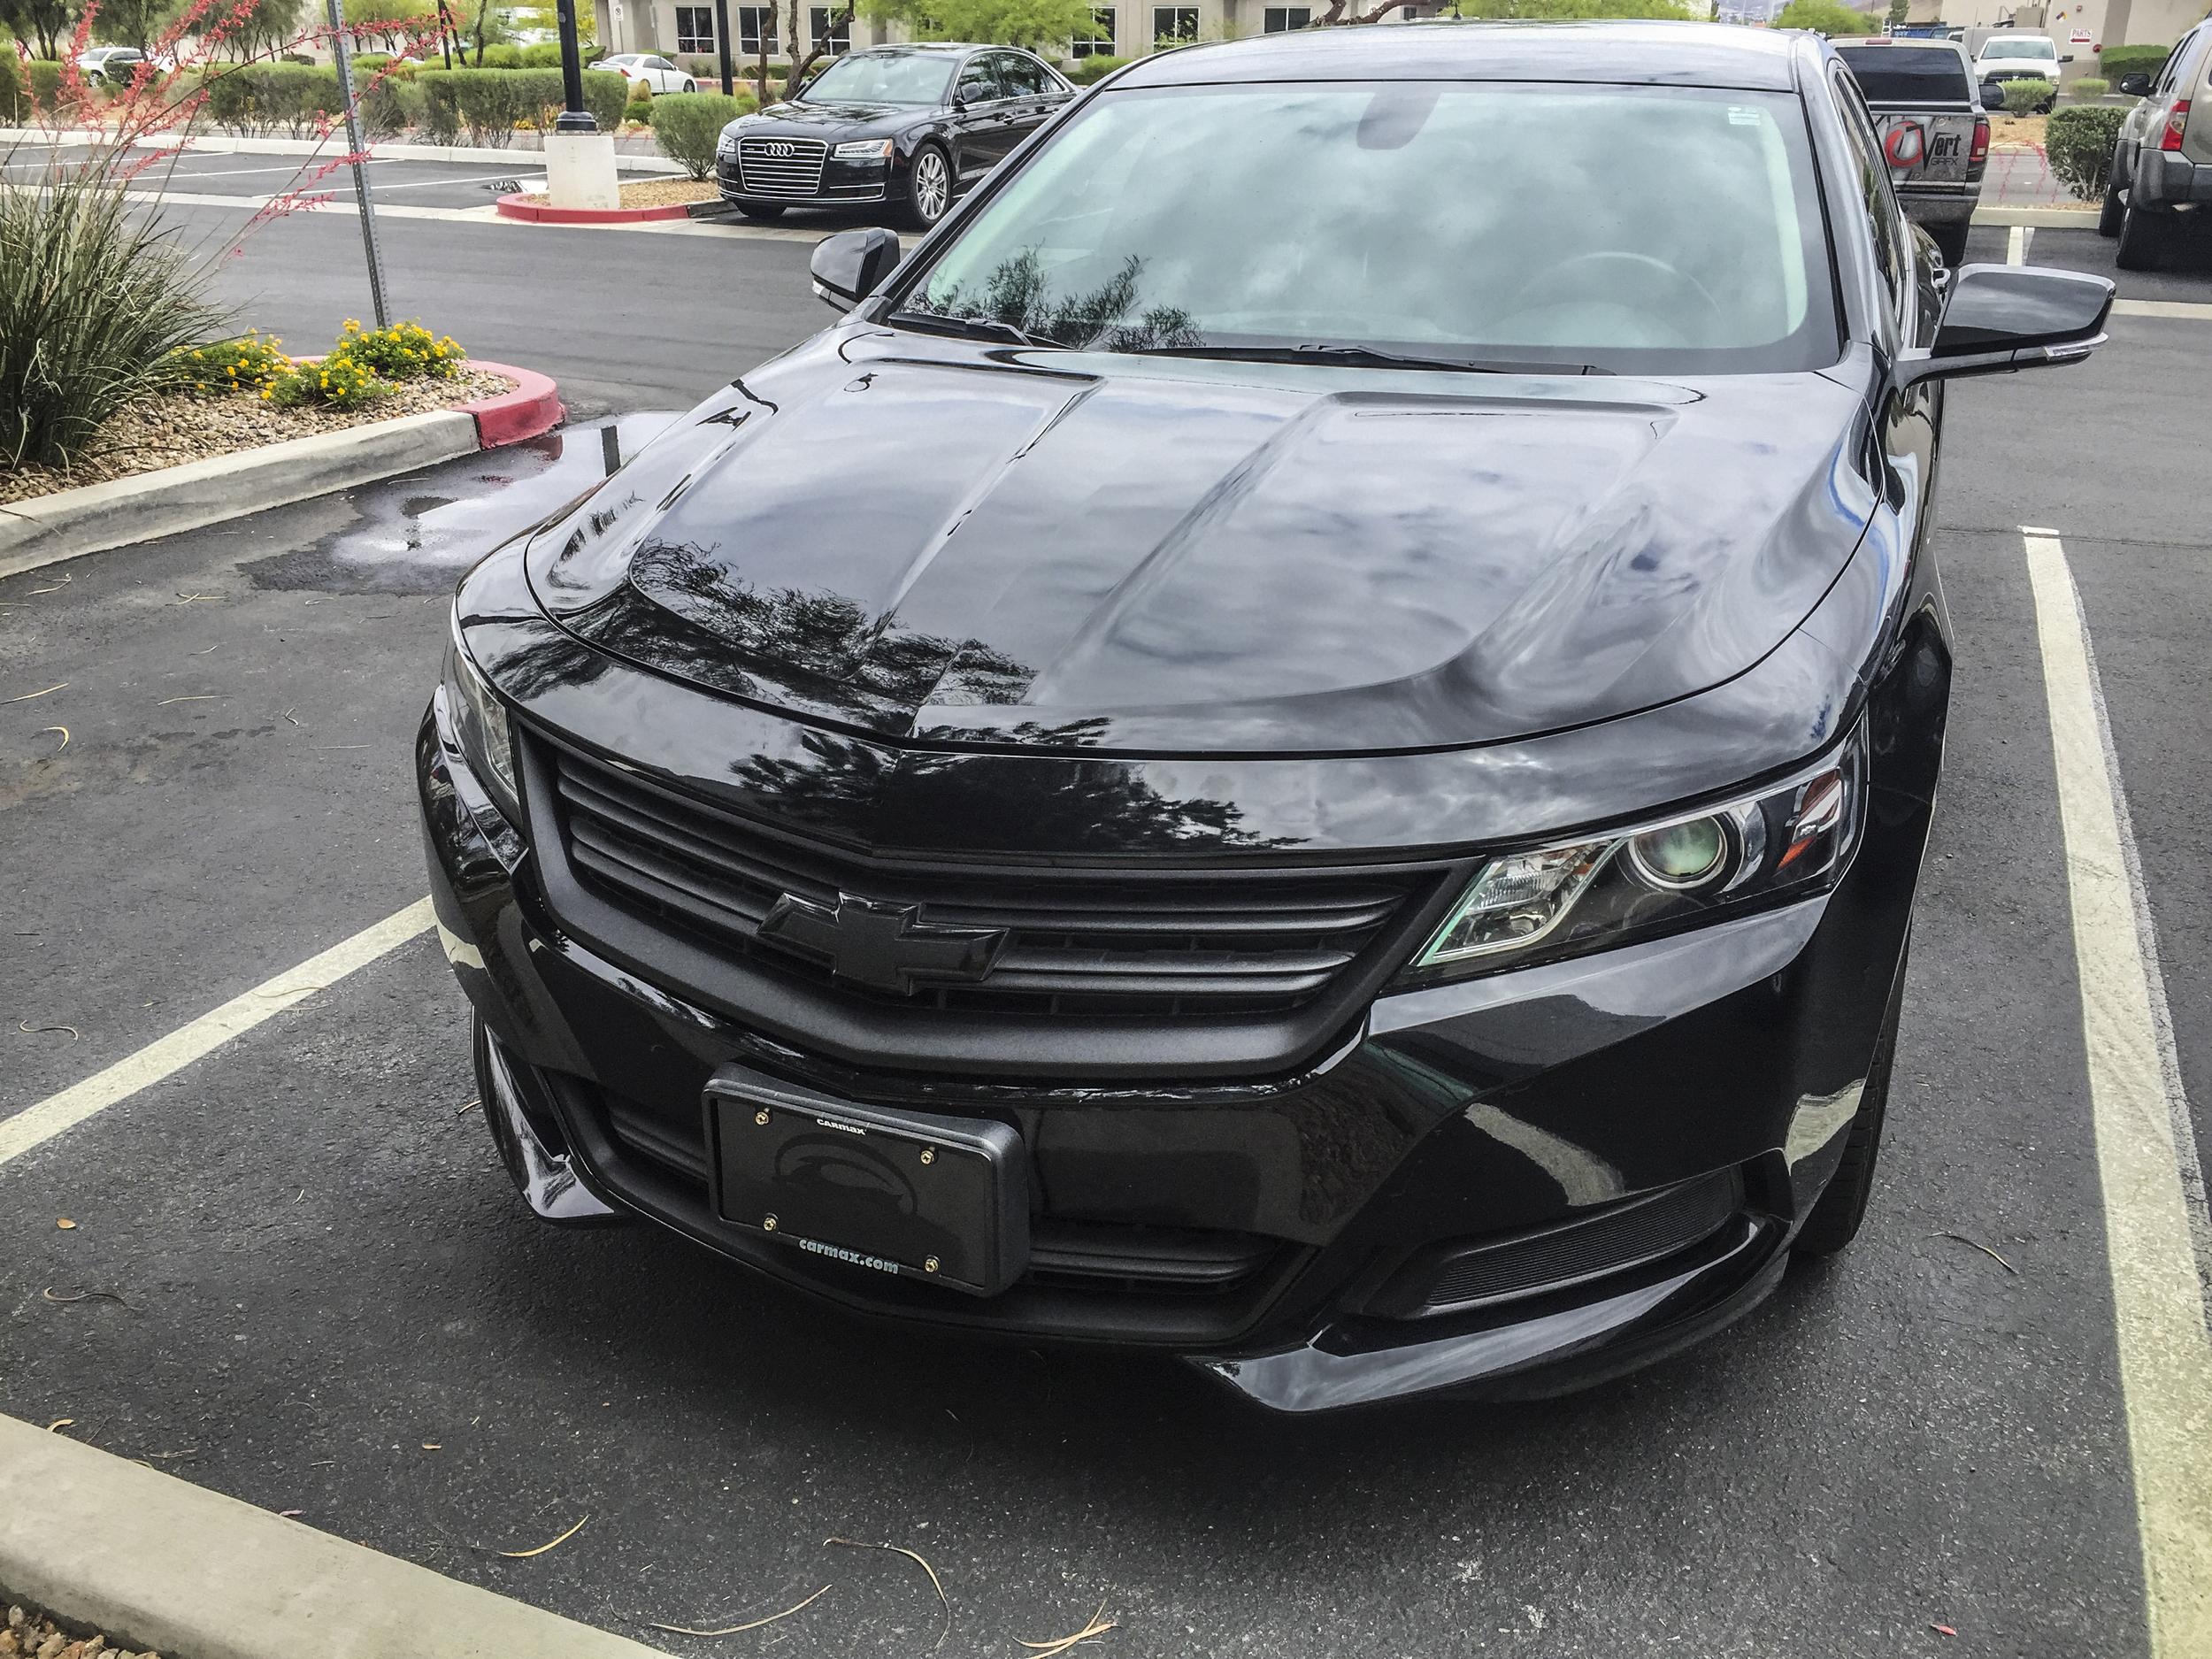 Chevy Impala - Matte Black Chrome Delete — Incognito Wraps